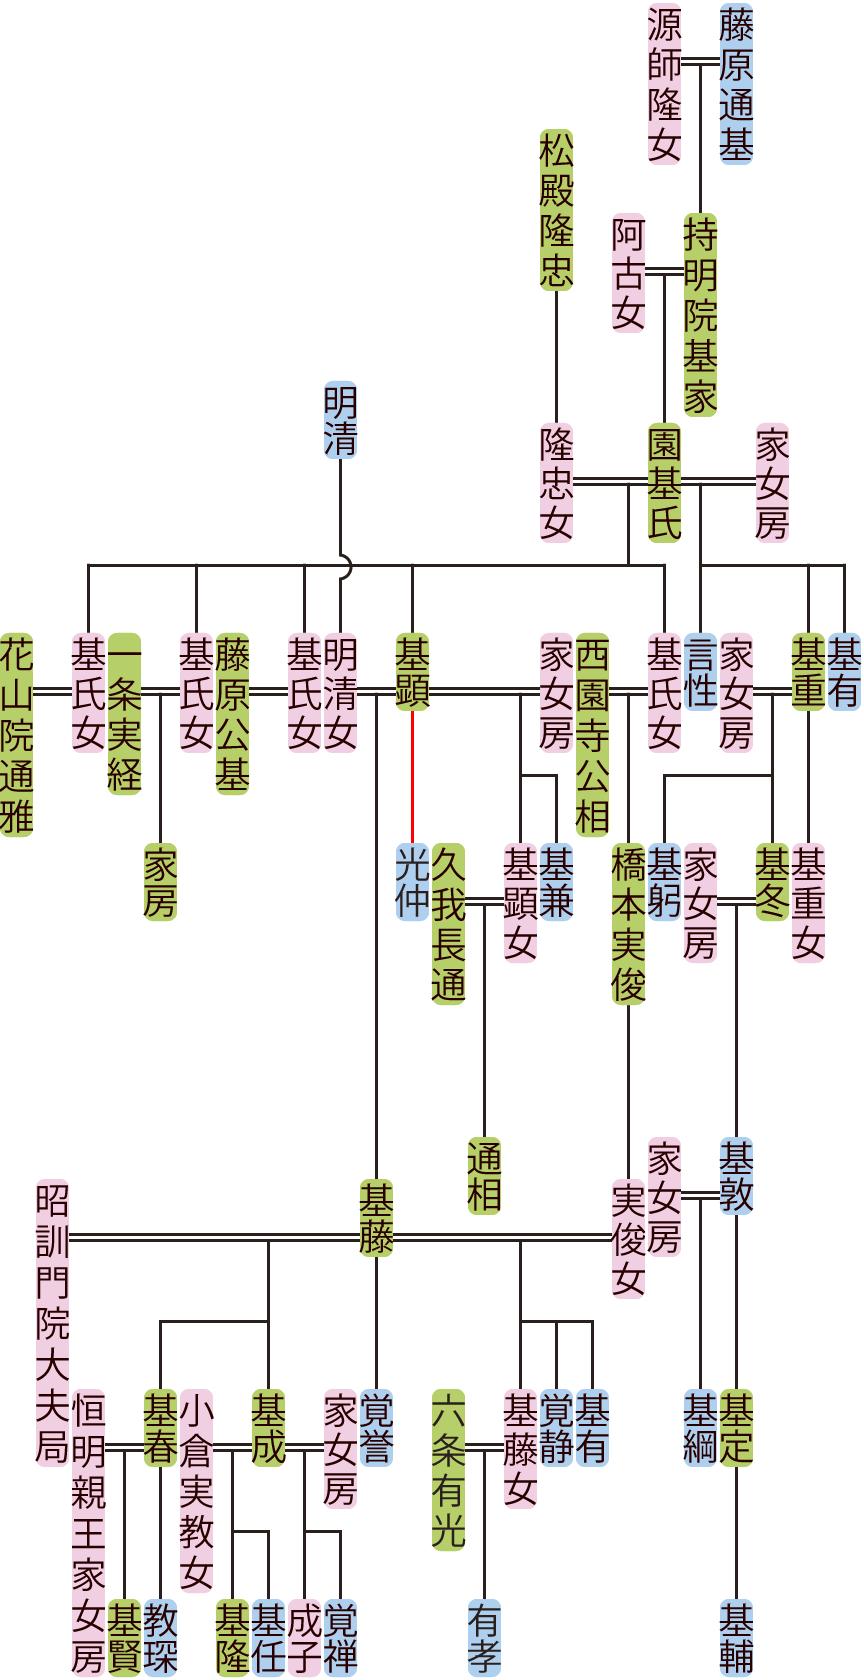 園基氏~基藤の系図